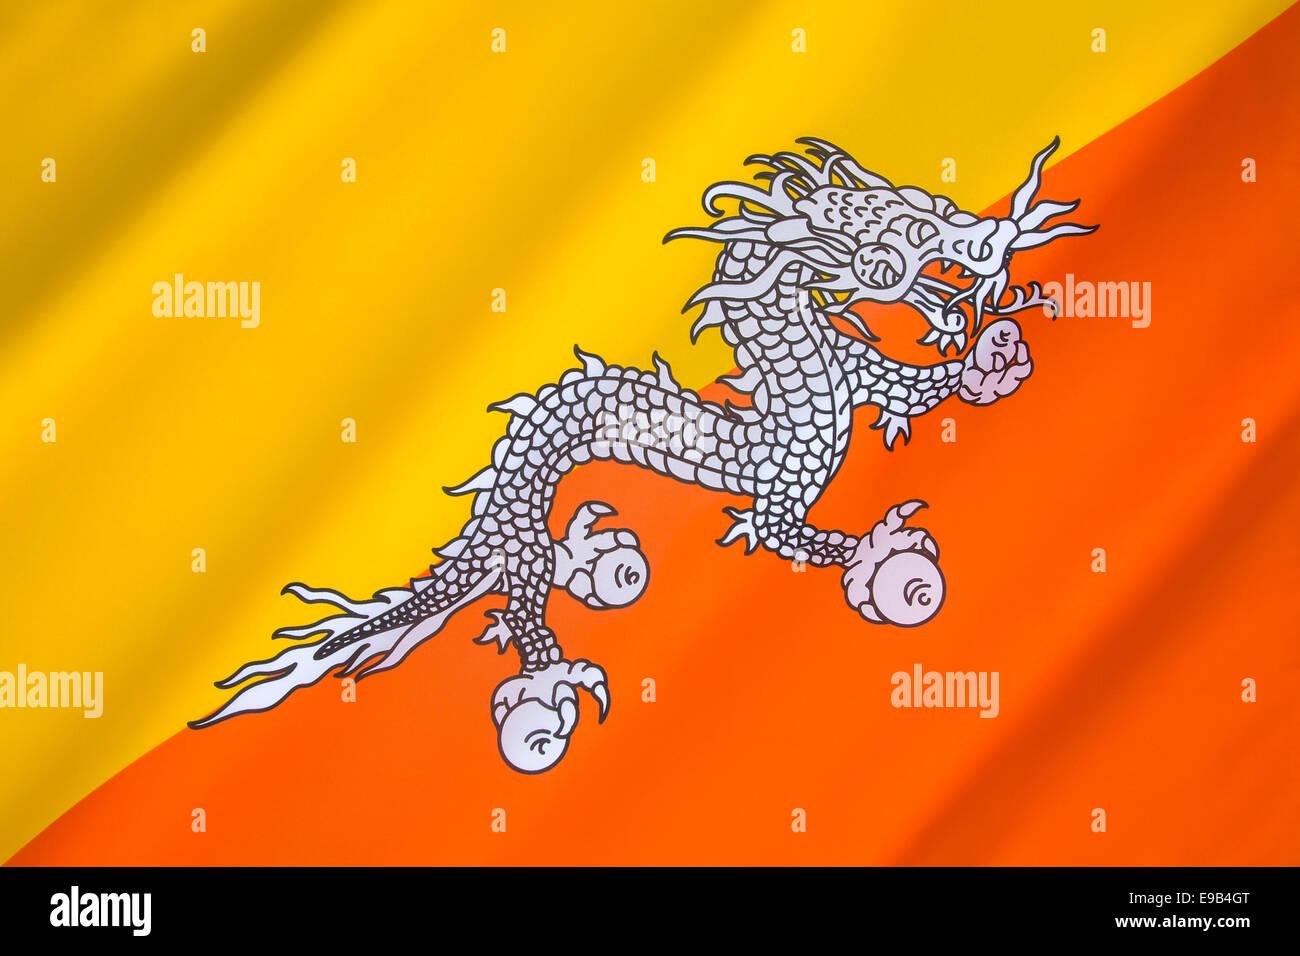 The national flag of Bhutan - Stock Image